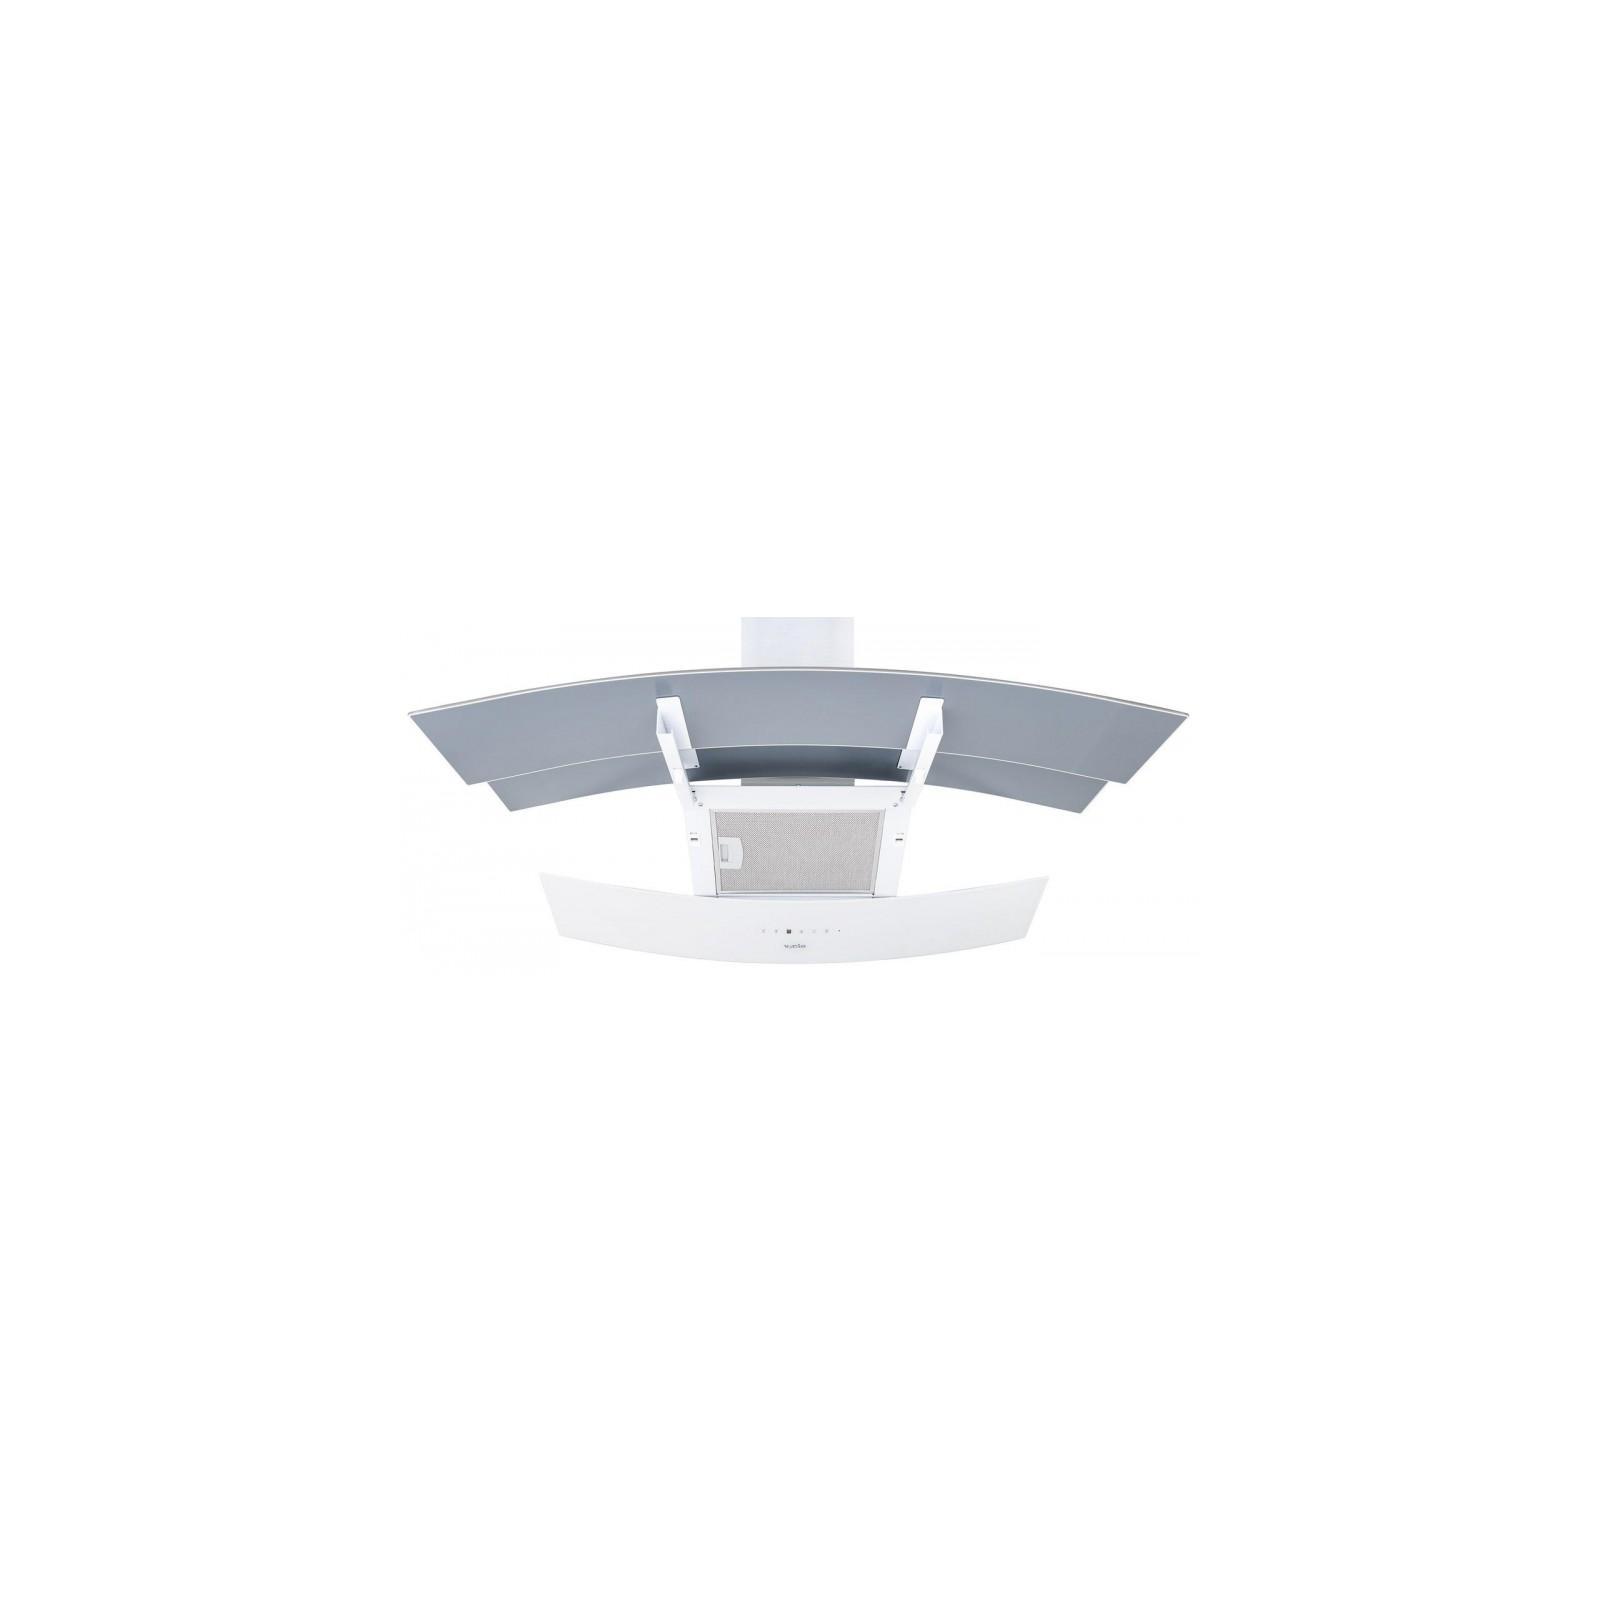 Вытяжка кухонная Ventolux RIALTO 90 BK (1000) TRC IT изображение 3